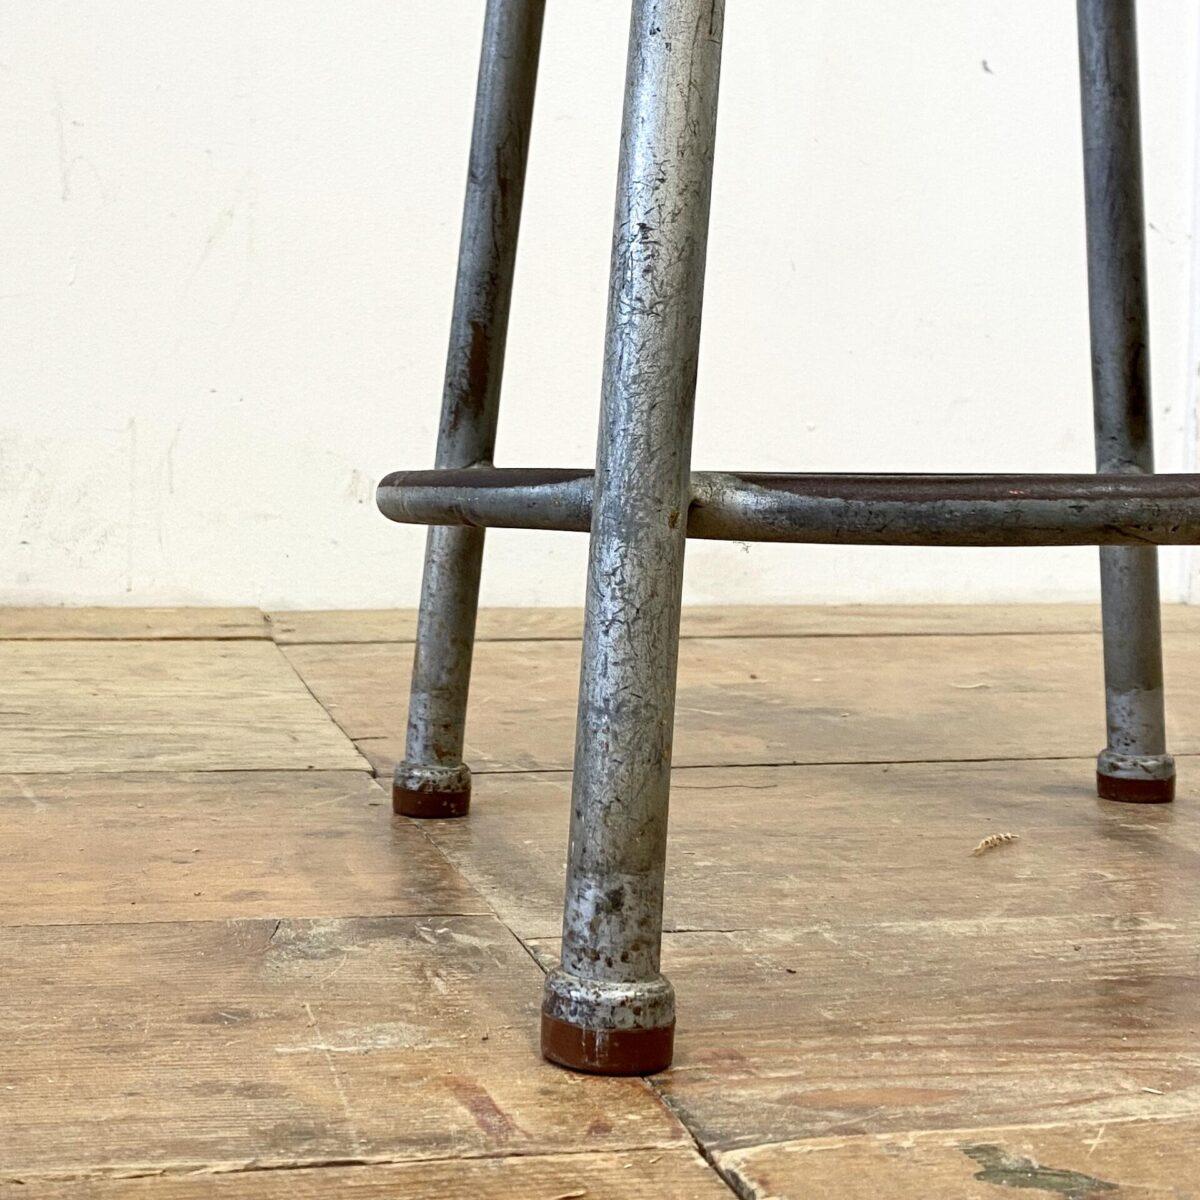 Deuxieme.shop industrial design Chair. Höhenverstellbarer Dreibeinhocker von Sissach. Durchmesser 33cm Höhe 44-72cm. Metallgestell verchromt Sitz aus schwarzem Kunststoff. Der Hocker mit Holz Sitz kostet 90.- Durchmesser 35cm Höhe 55cm. Metallgestell verzinkt mit Rost Patina und Gummifüssen. Sitz Ahorn geschliffen und geölt.